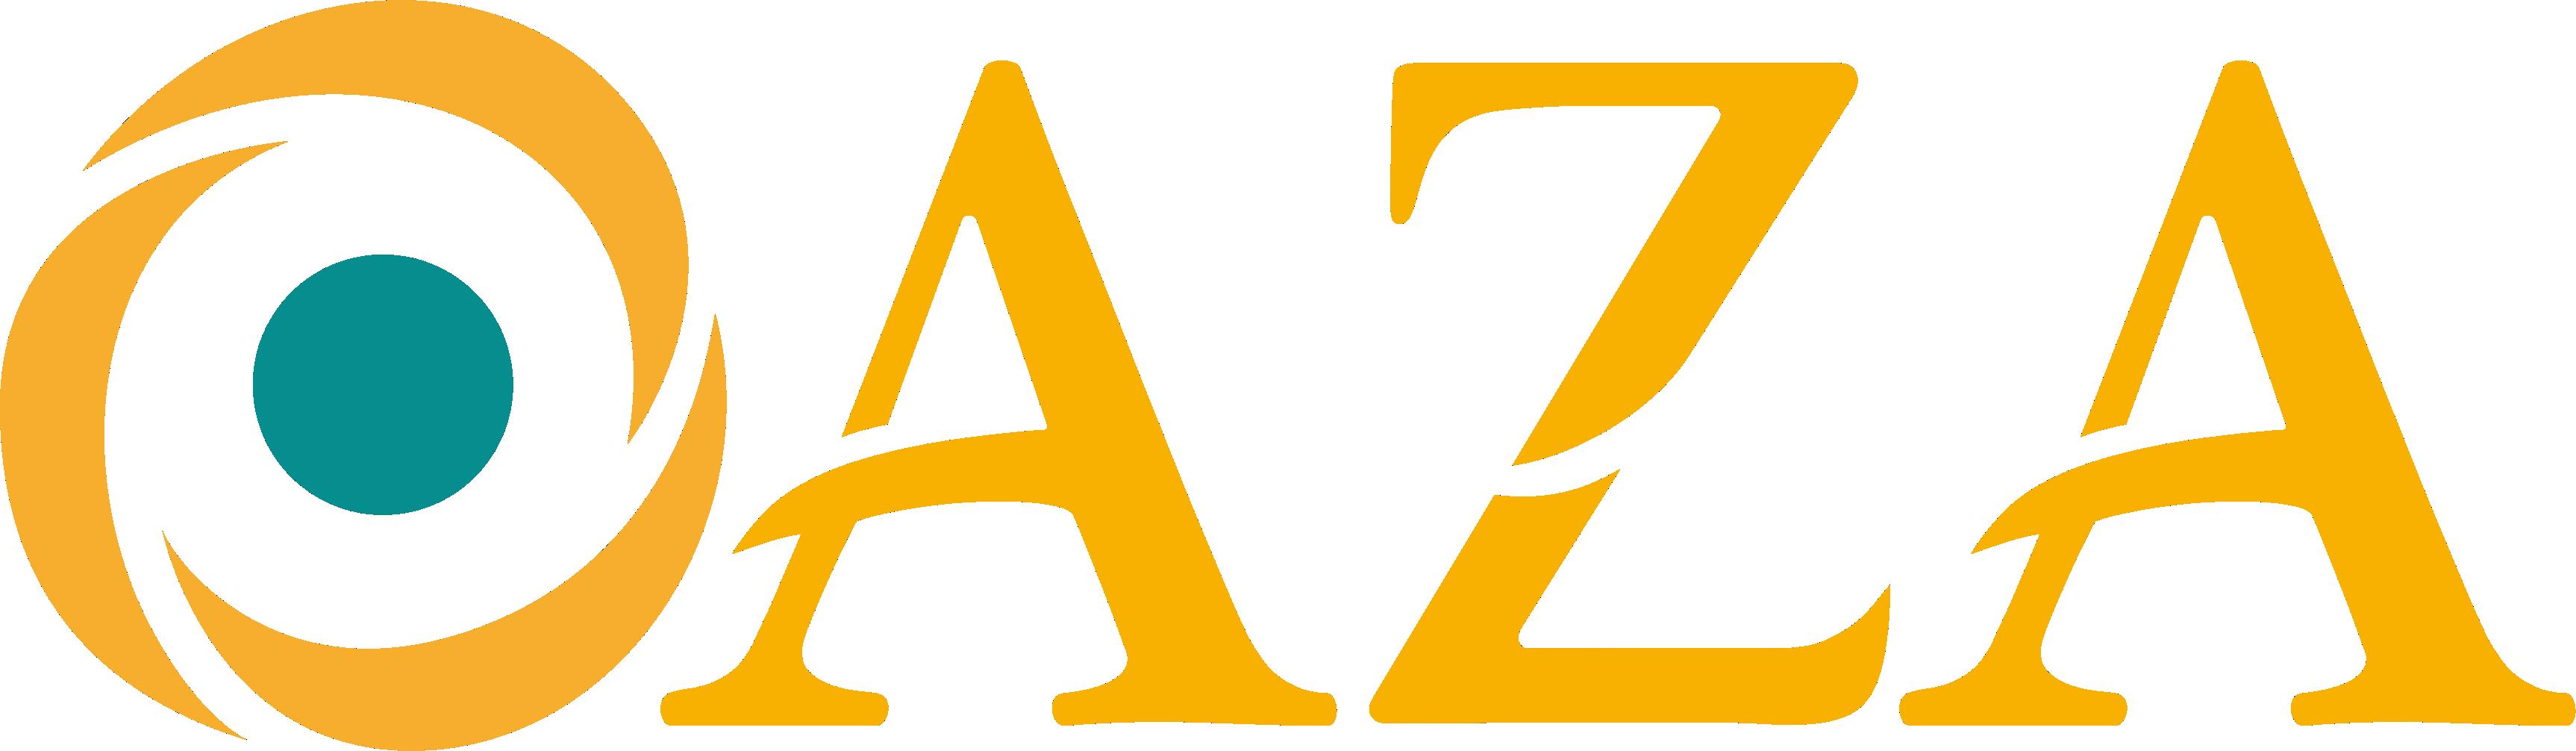 Udruga OAZA